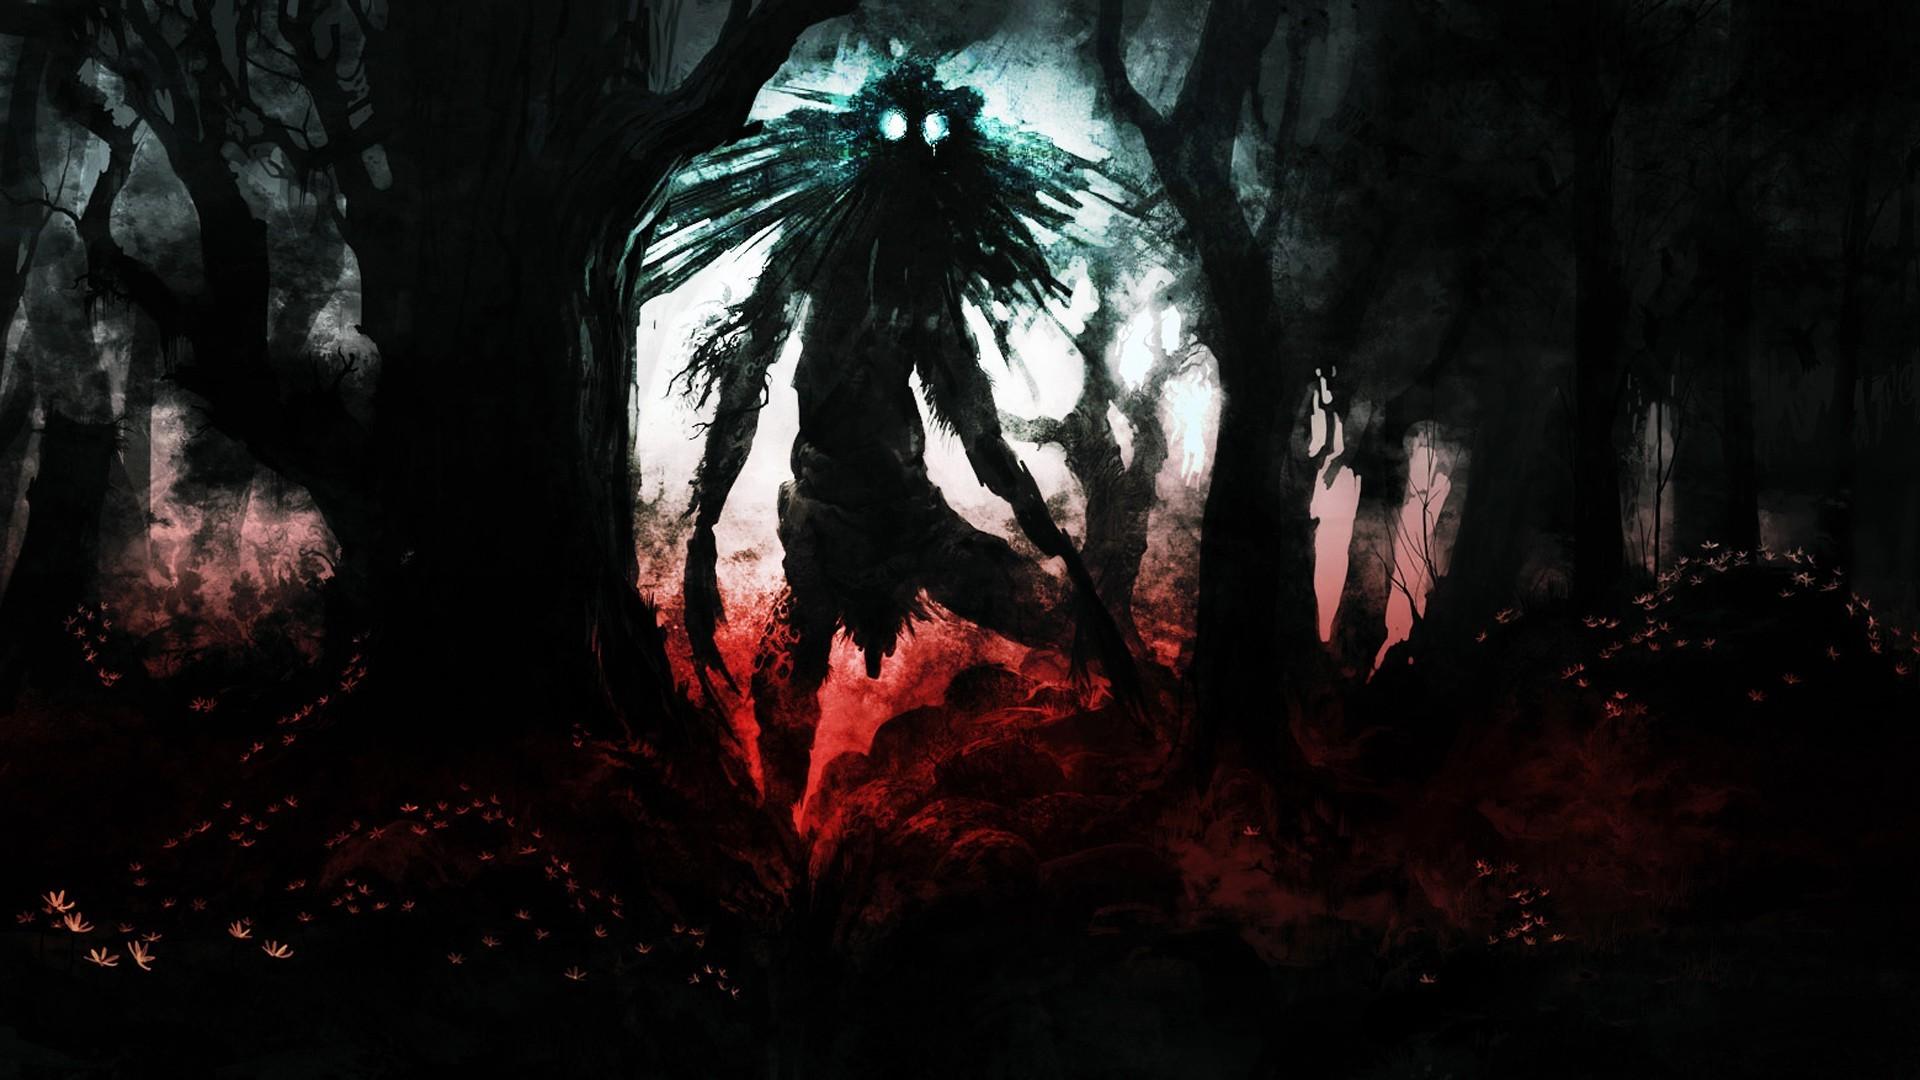 1920x1080-px-artwork-black-Bloodborne-video-games-warrior-687128.jpg